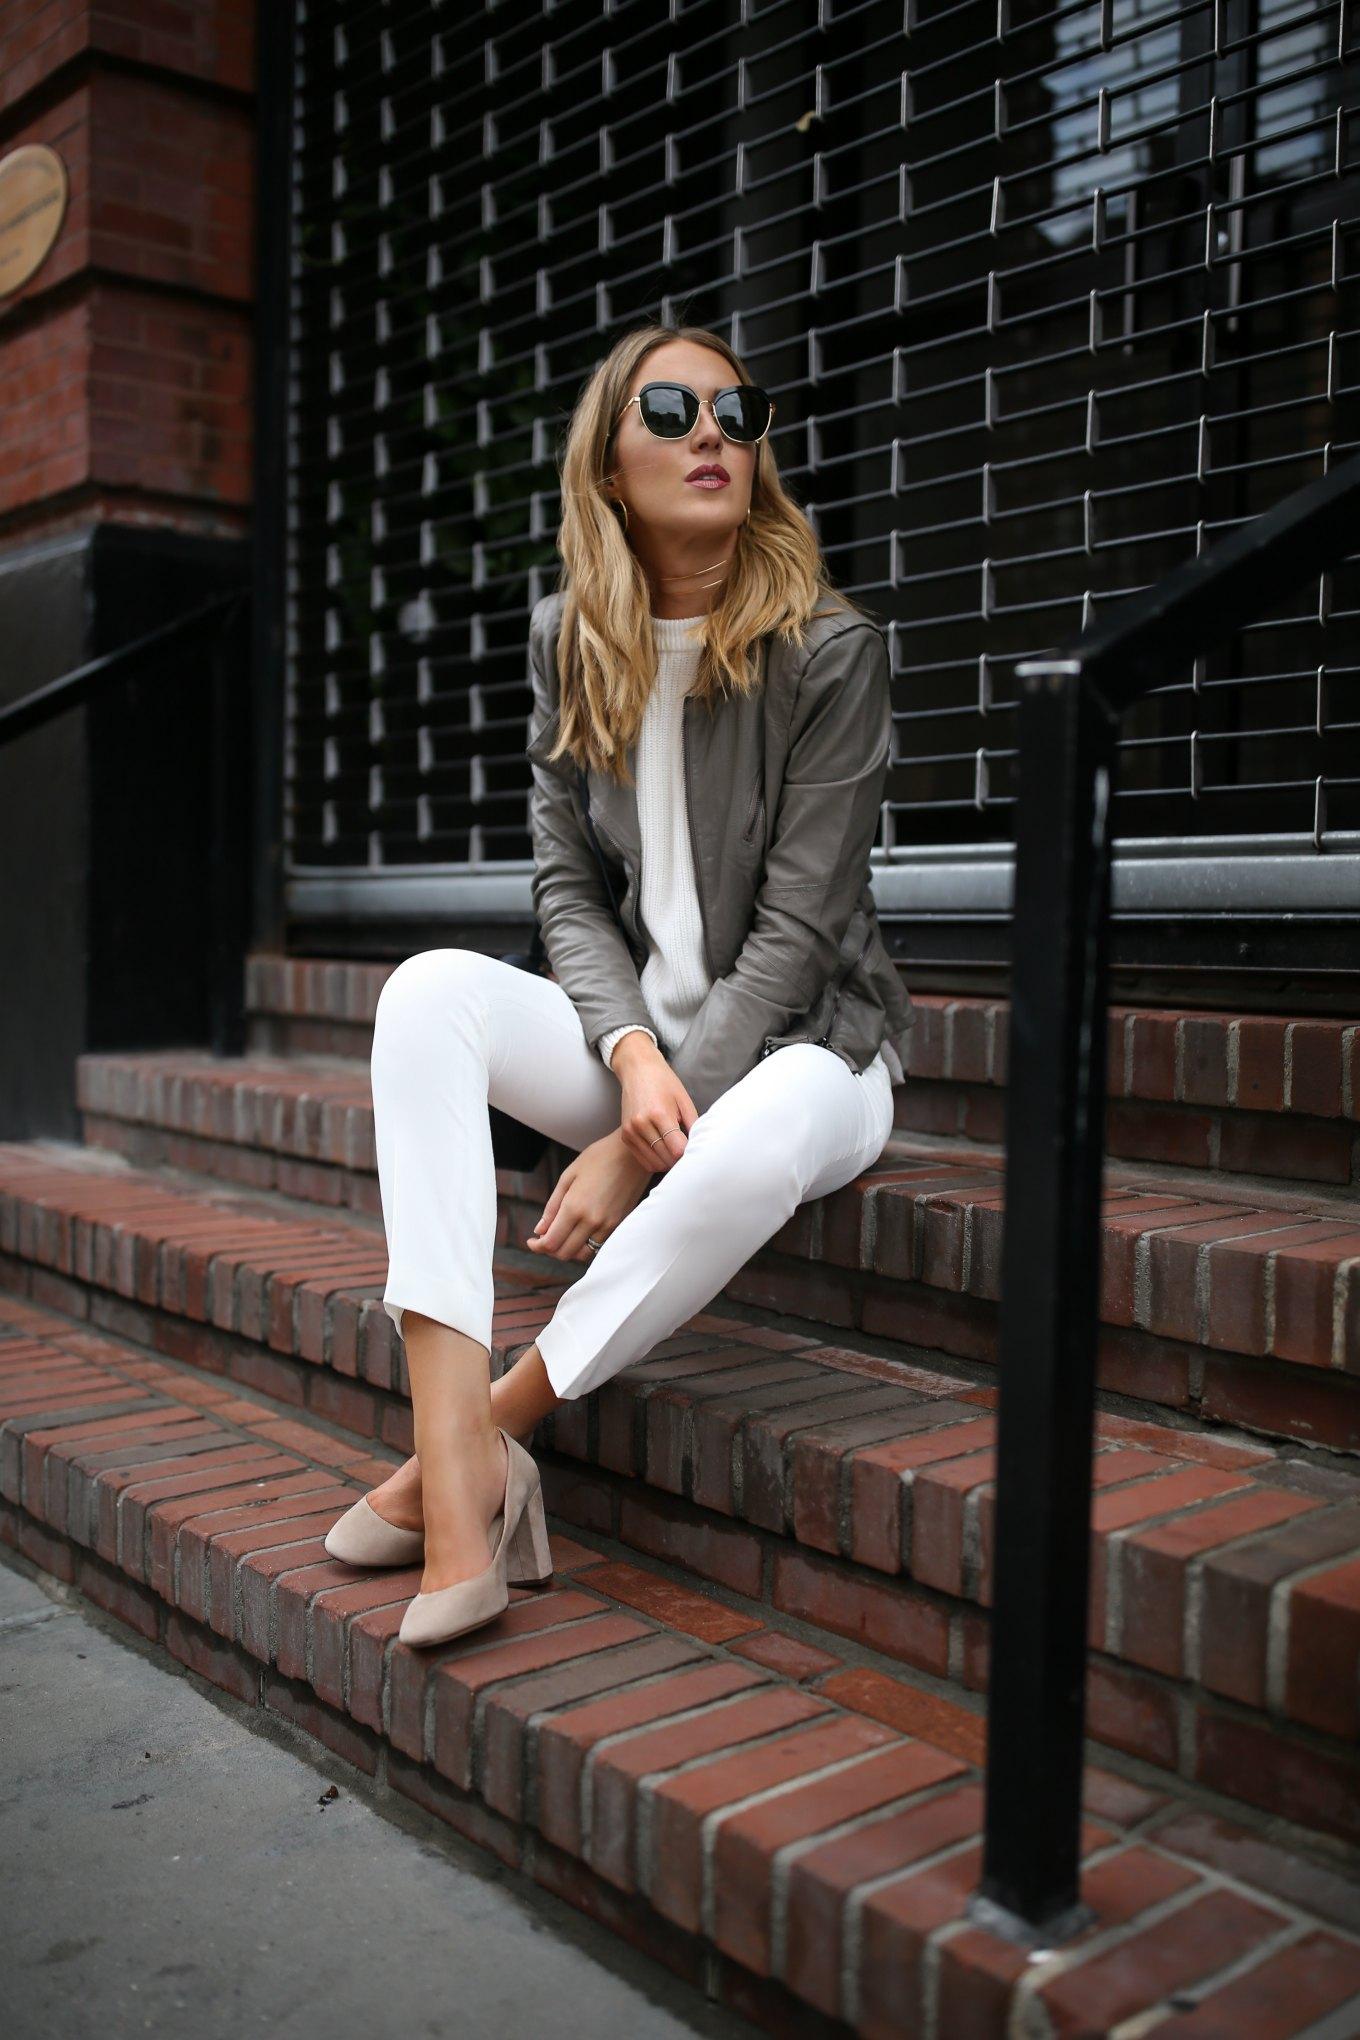 NYC时尚博主穿着灰色皮革机车夹克,白色针织上衣,白色锥形连衣裙,裤子绒面革裸色块状高跟鞋和超大太阳镜